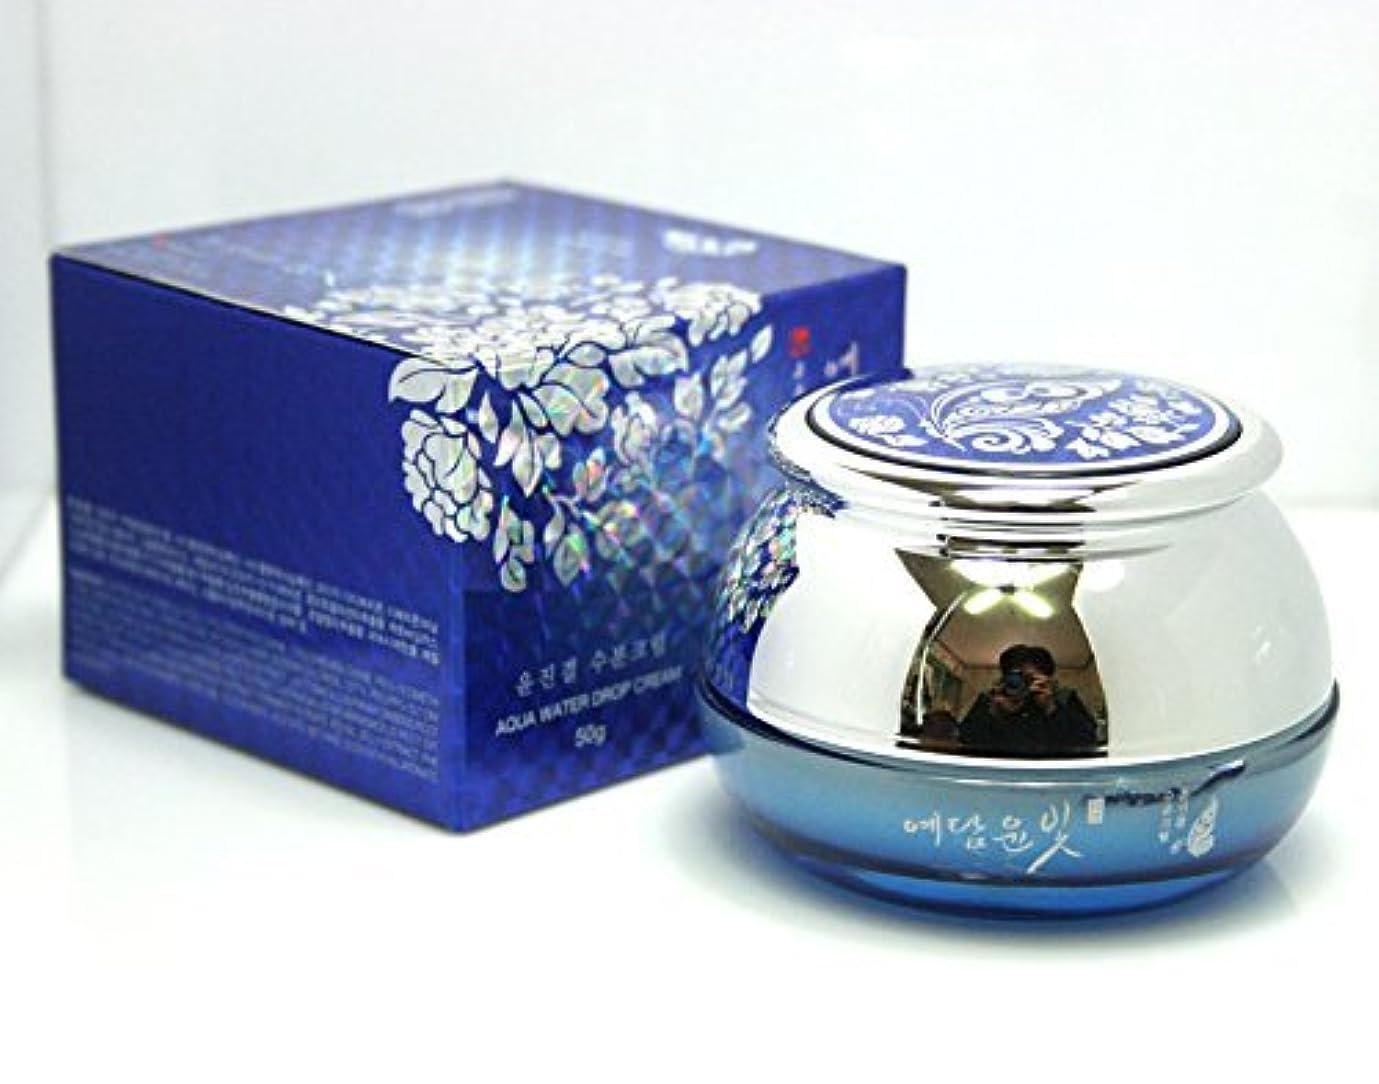 シフト喜ぶ政令[YEDAM YUN BIT] Yunjin Gyeolアクアウォータードロップクリーム50g / オリエンタルハーブ / 韓国化粧品 / Yunjin Gyeol Aqua Water Drop Cream 50g /...